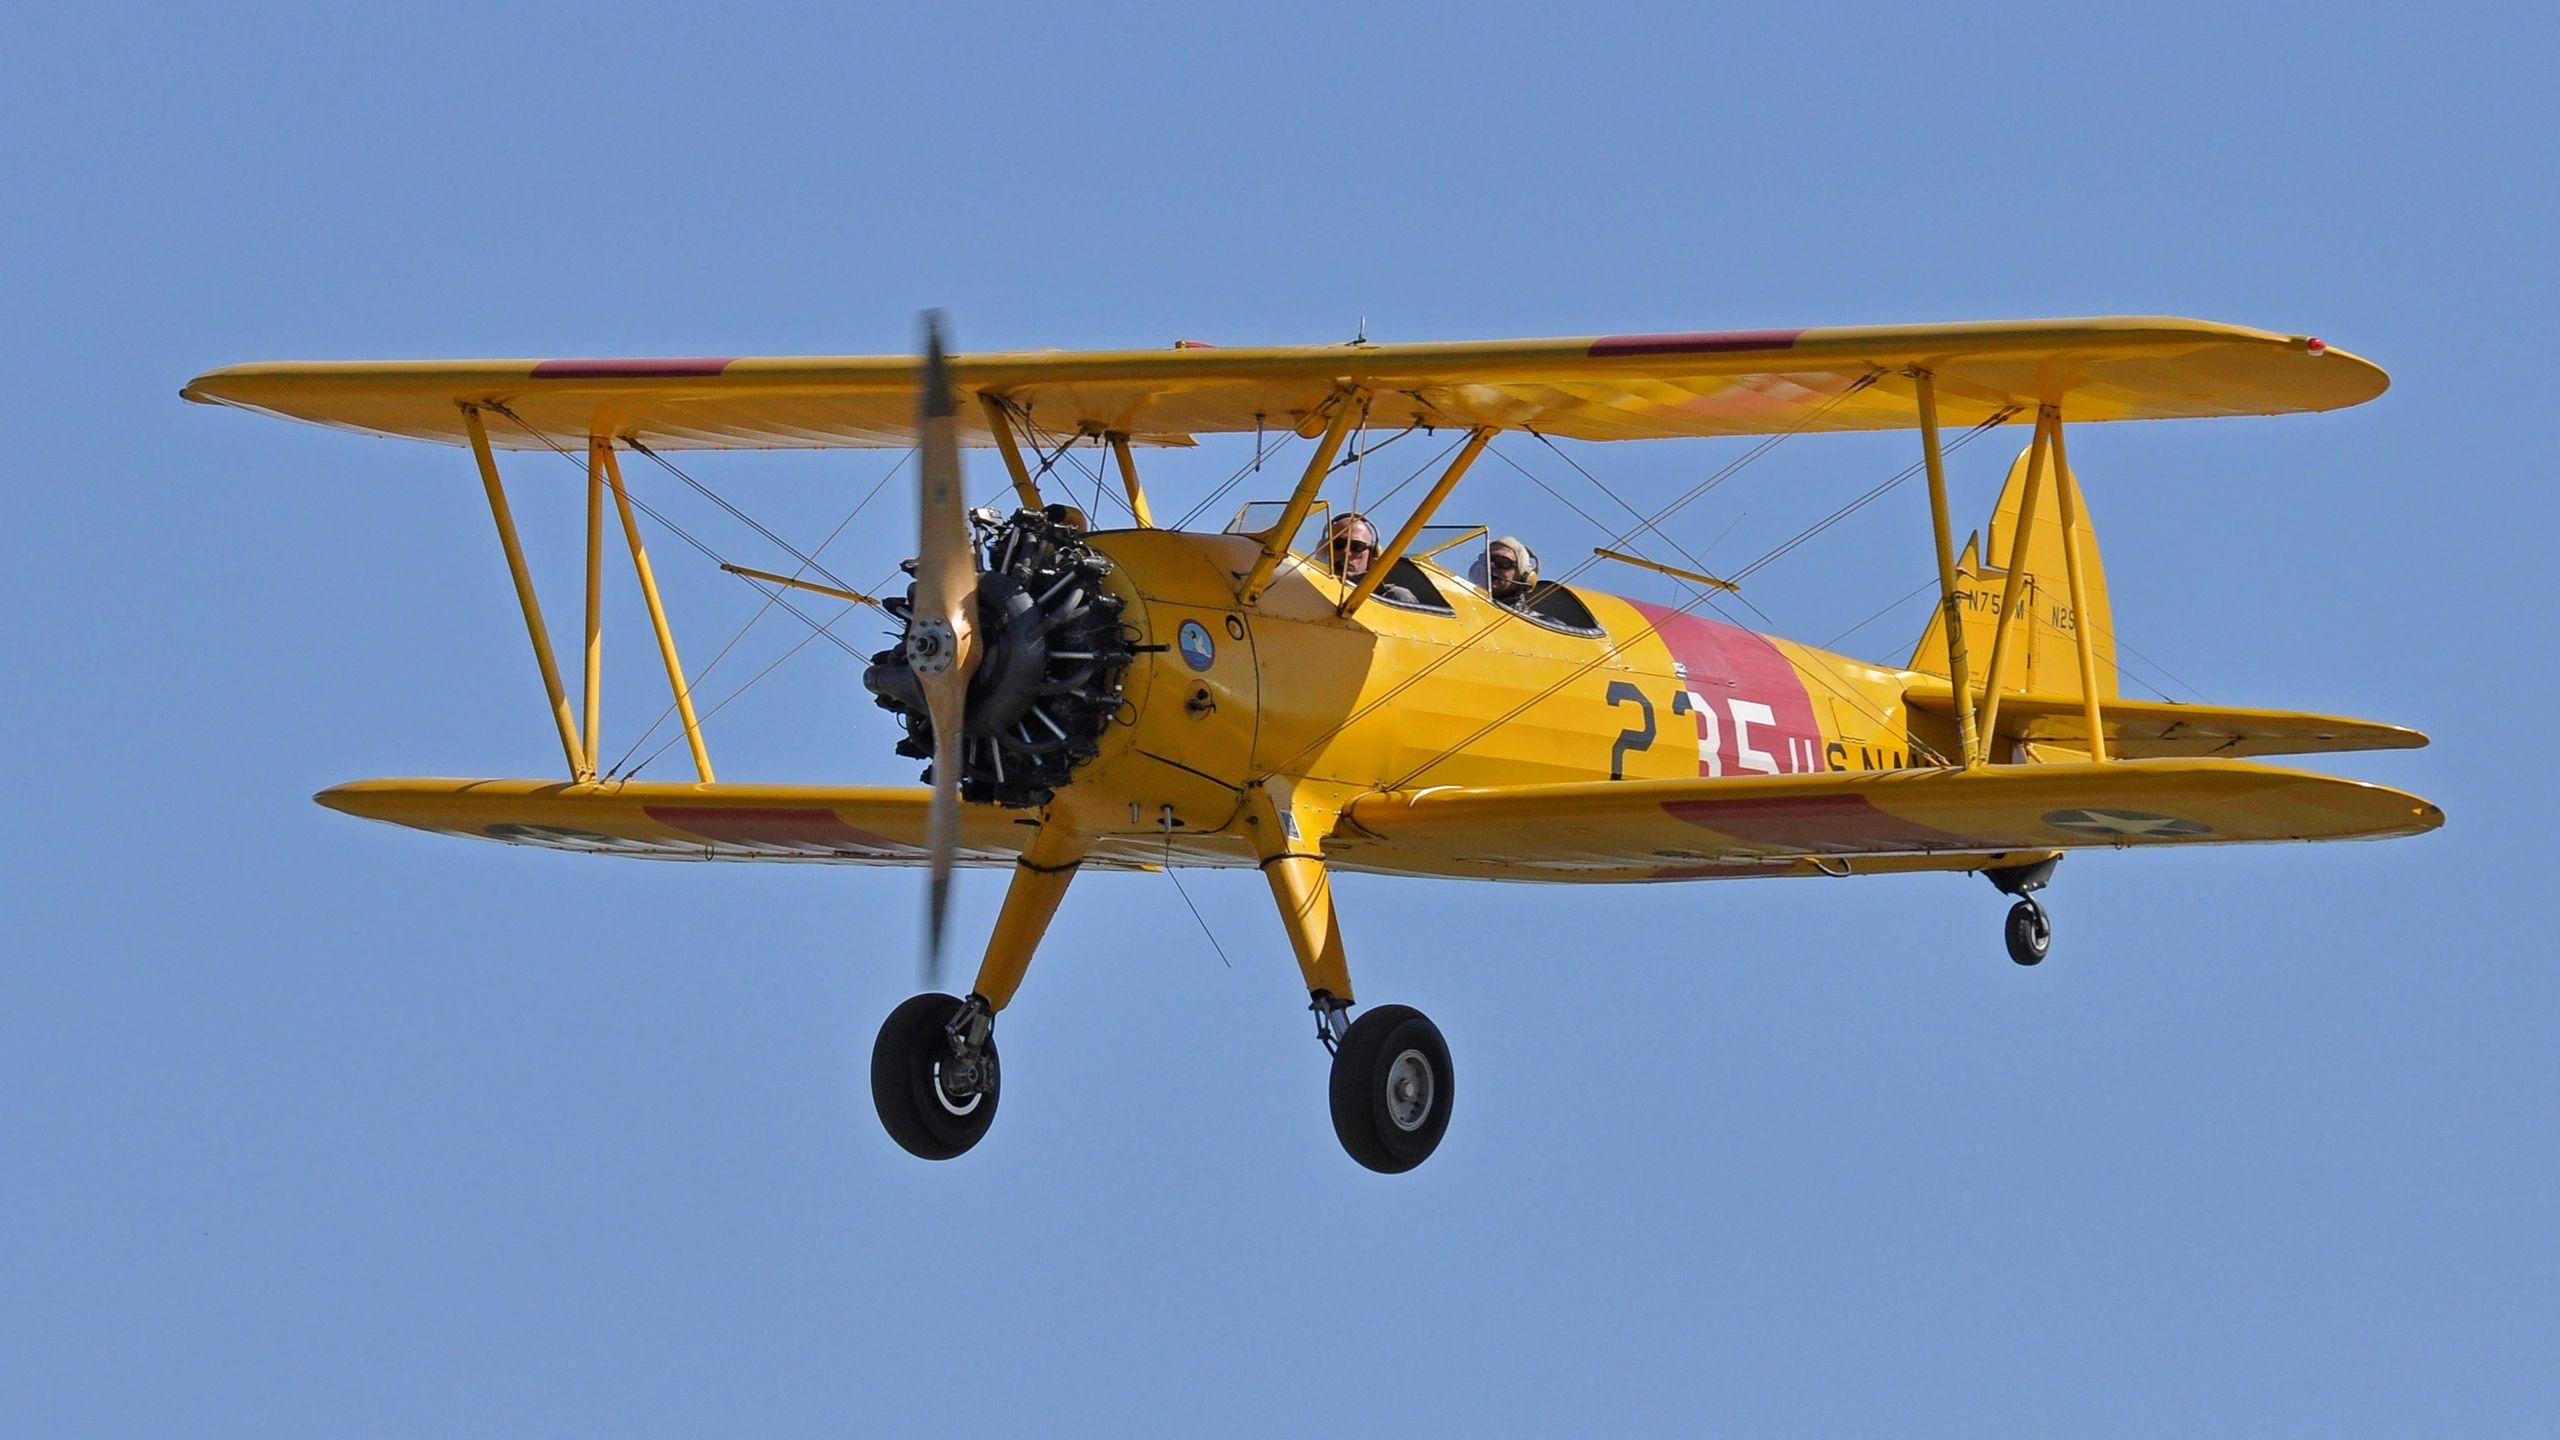 Biplane Air Tours